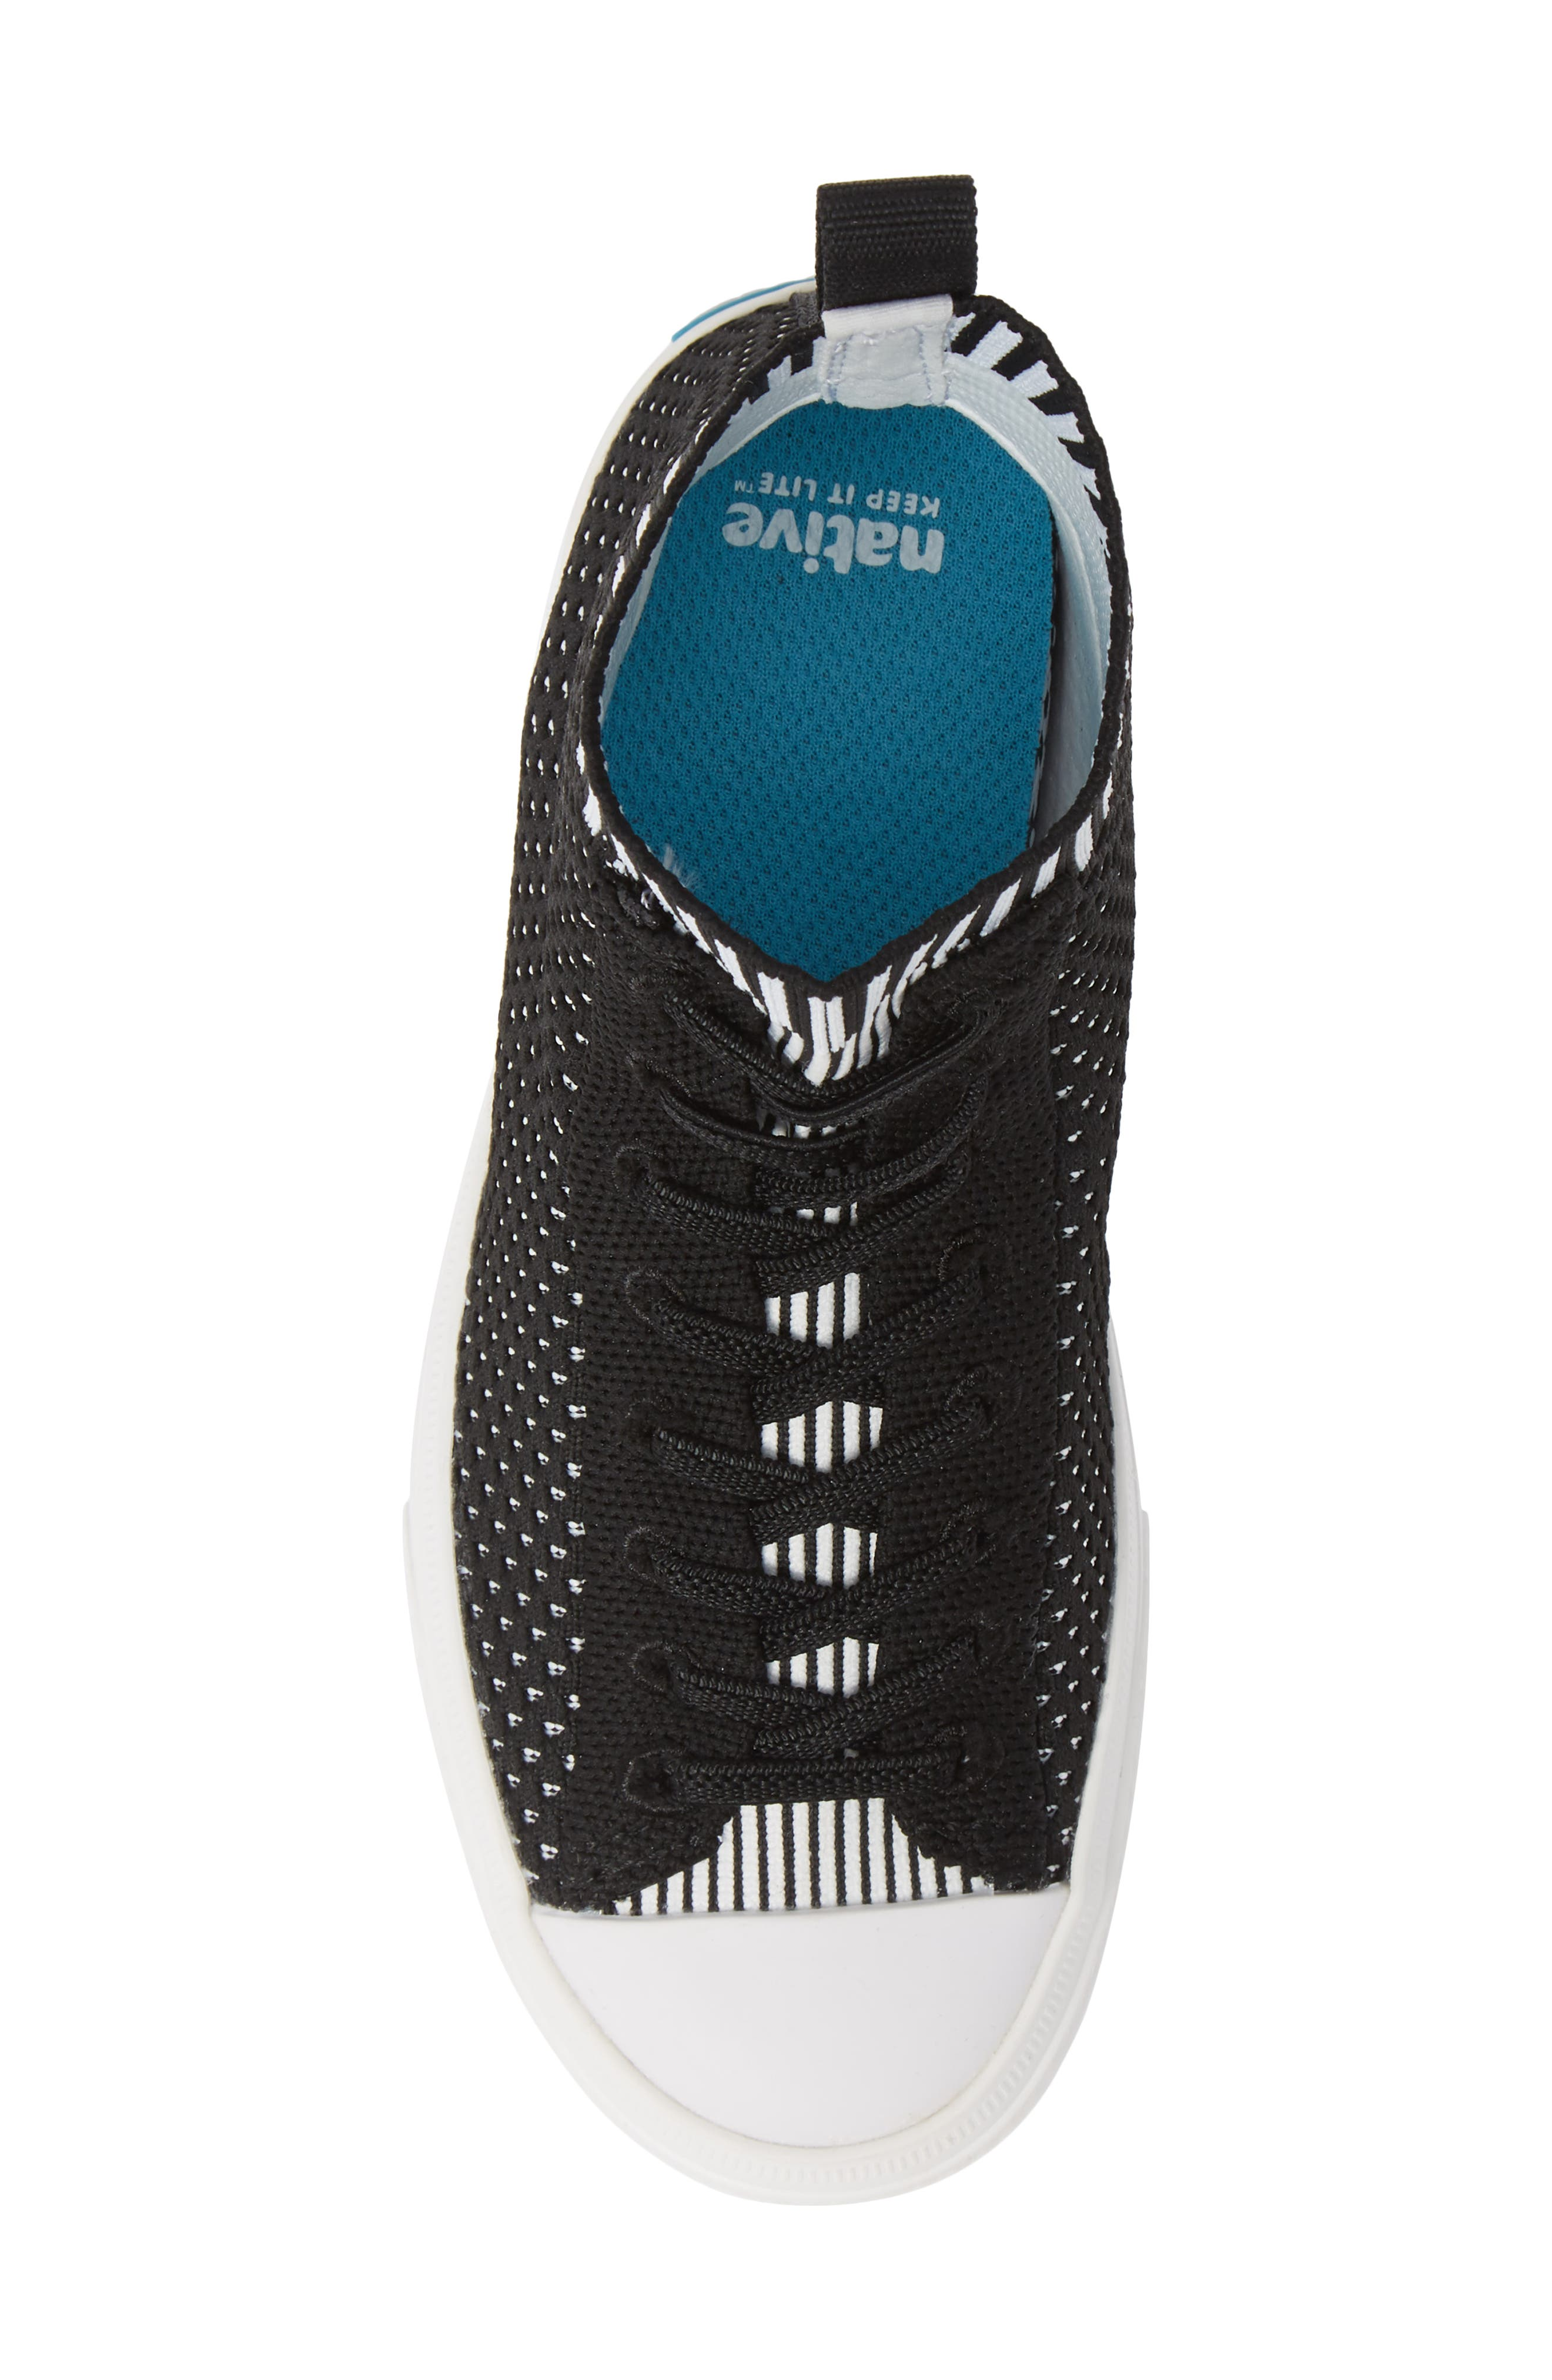 Jefferson 2.0 LiteKnit Vegan High Top Sneaker,                             Alternate thumbnail 5, color,                             JIFFY BLACK/ SHELL WHITE